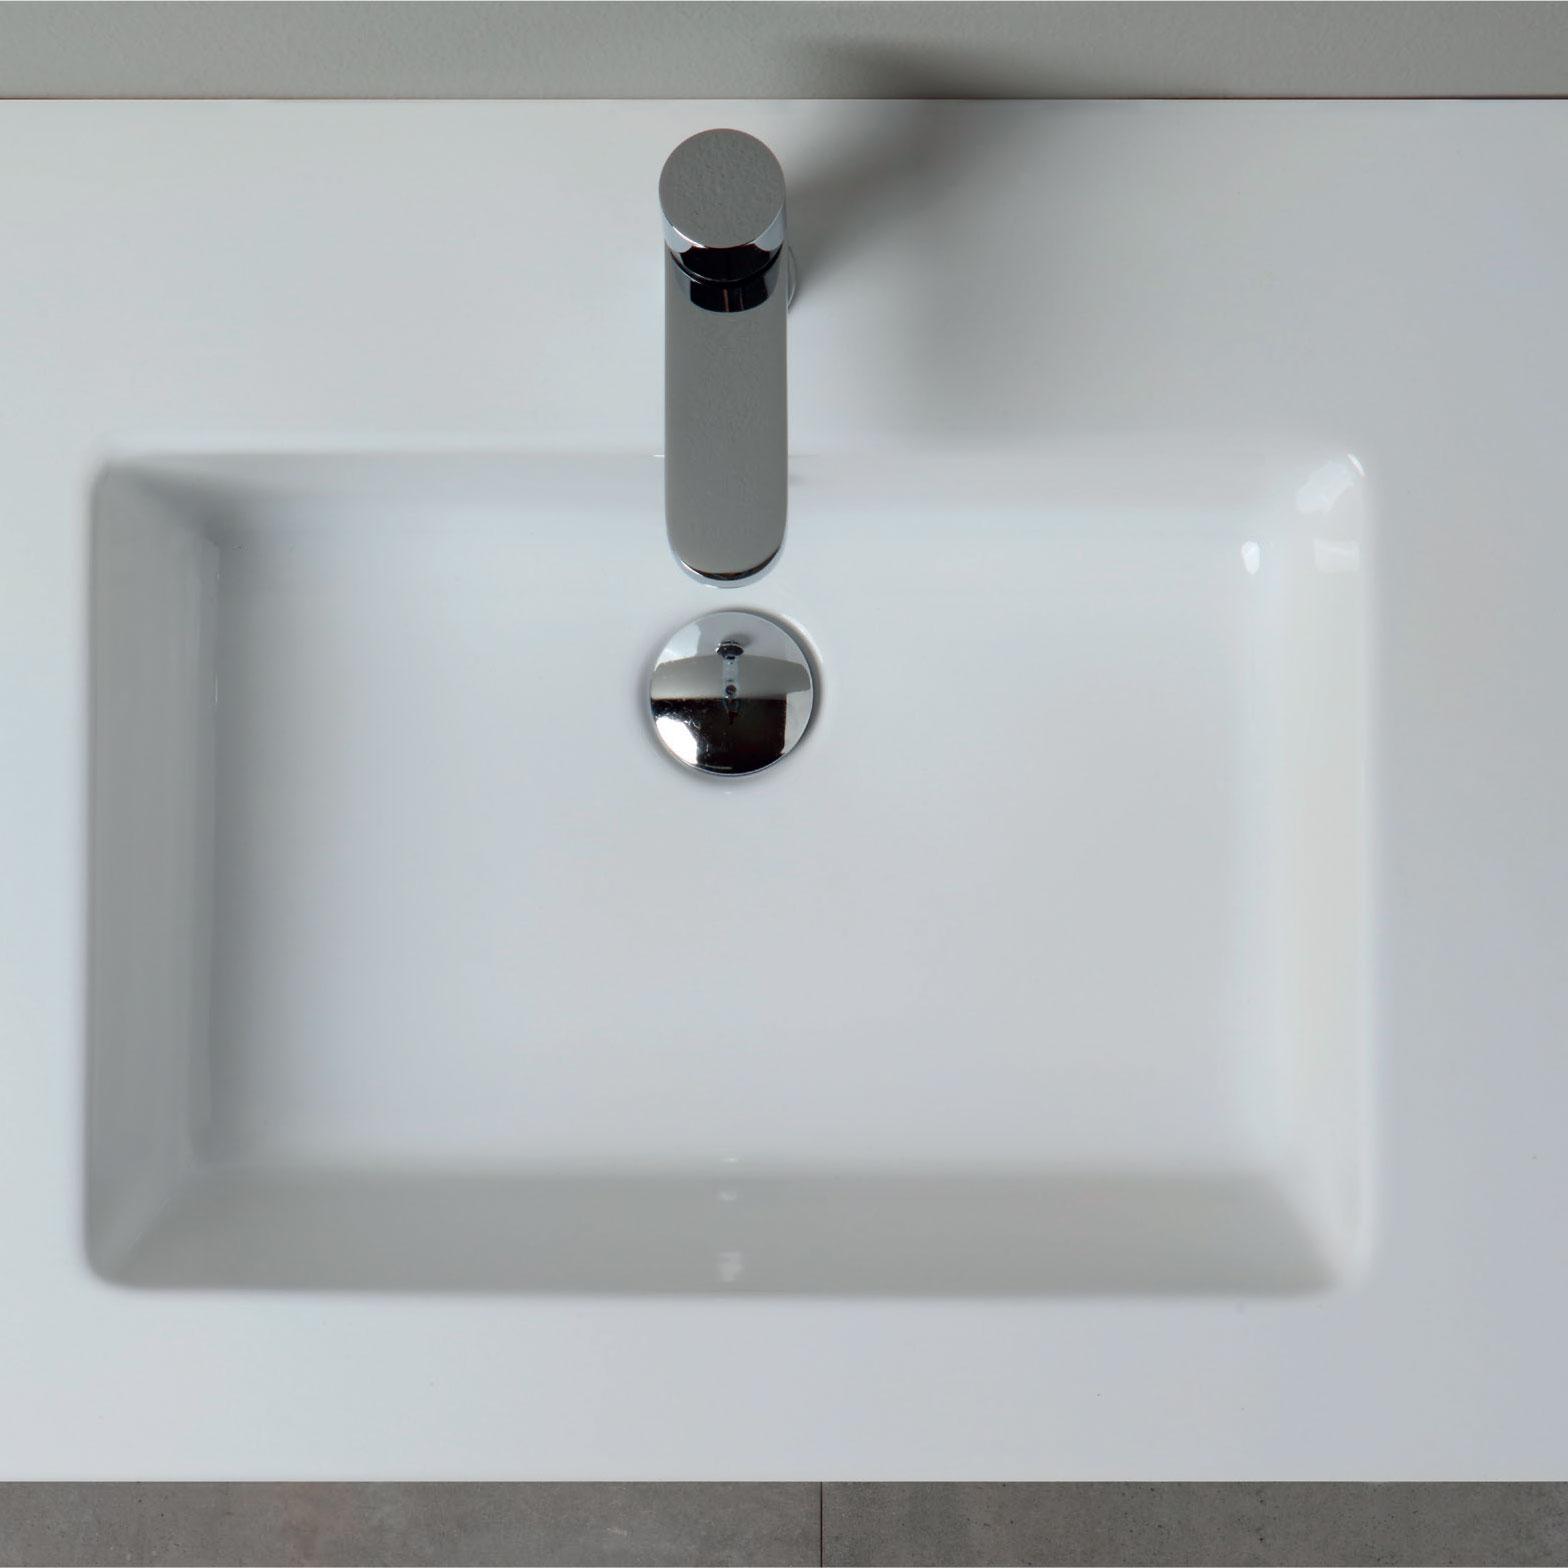 Lavabo consolle doppia vasca cm 121x51 per installazione sospesa o da appoggio su mobile Azzurra Slim